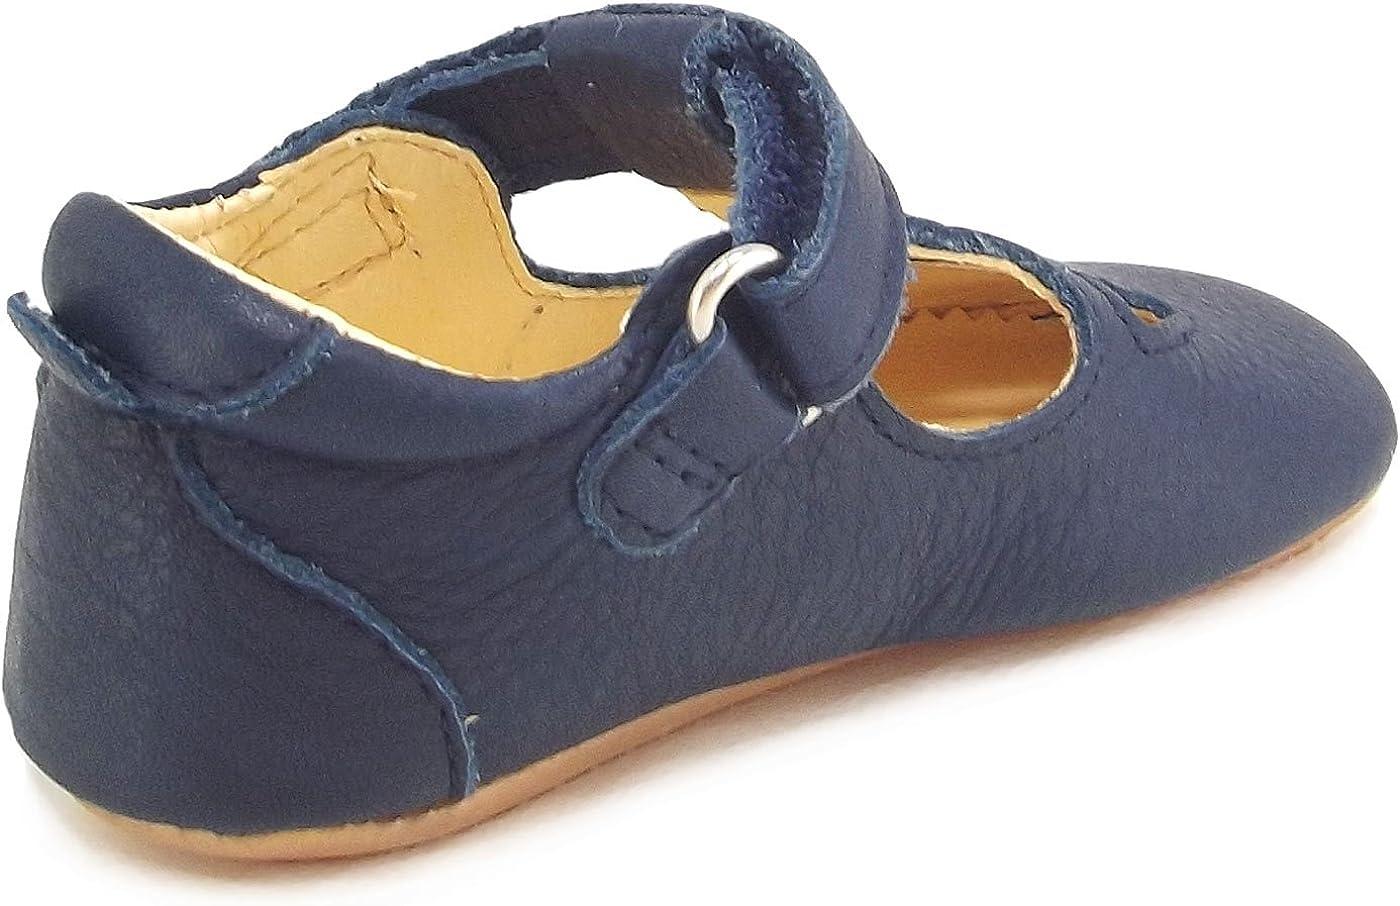 FRODDO Prewalkers G1130005 Chaussures Premiers Pas b/éb/é